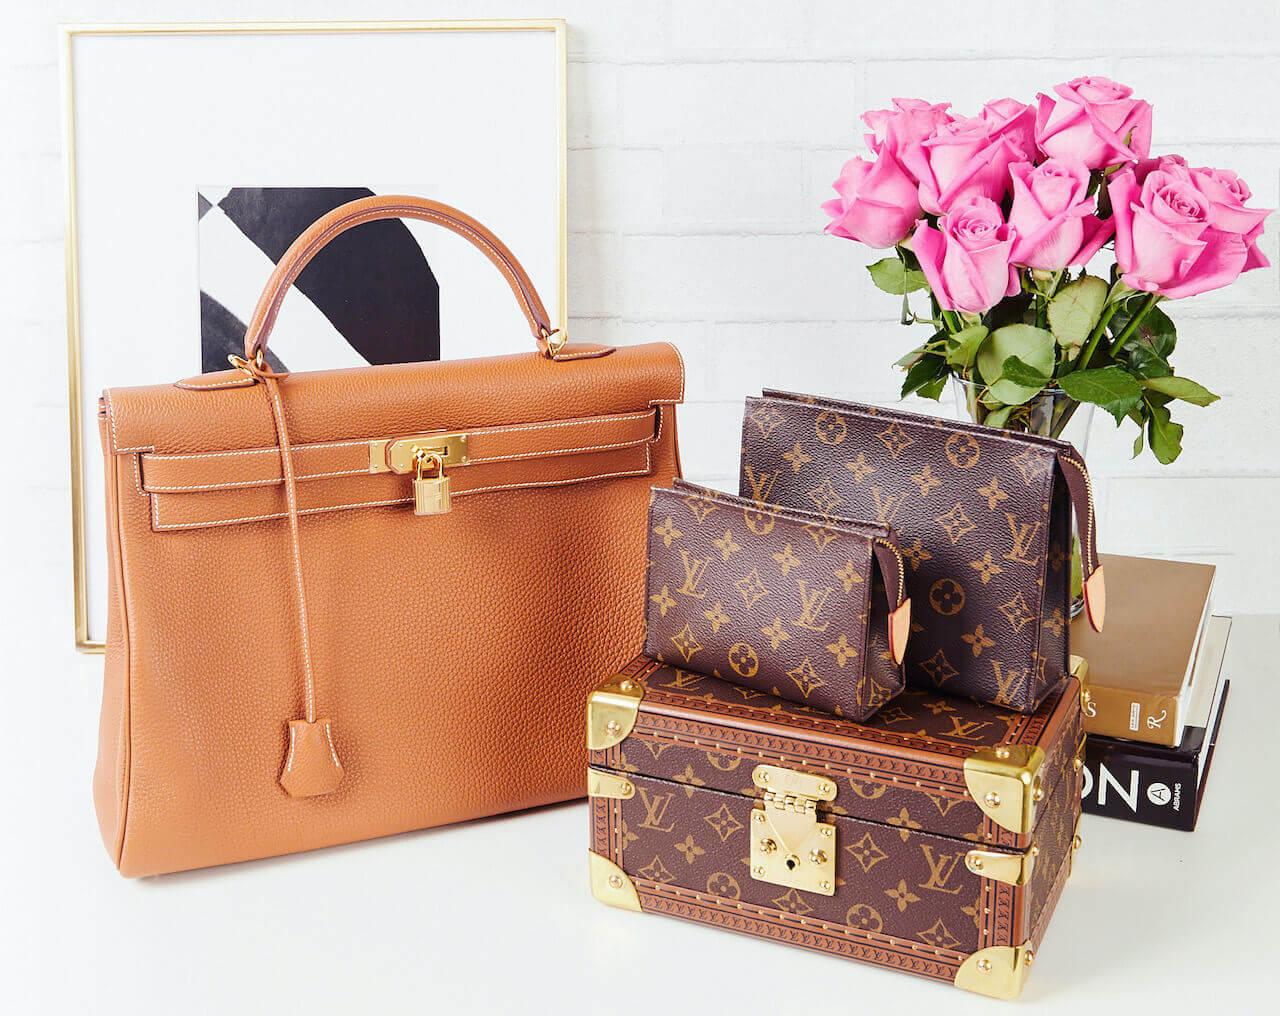 genți și cufere Louis Vuitton